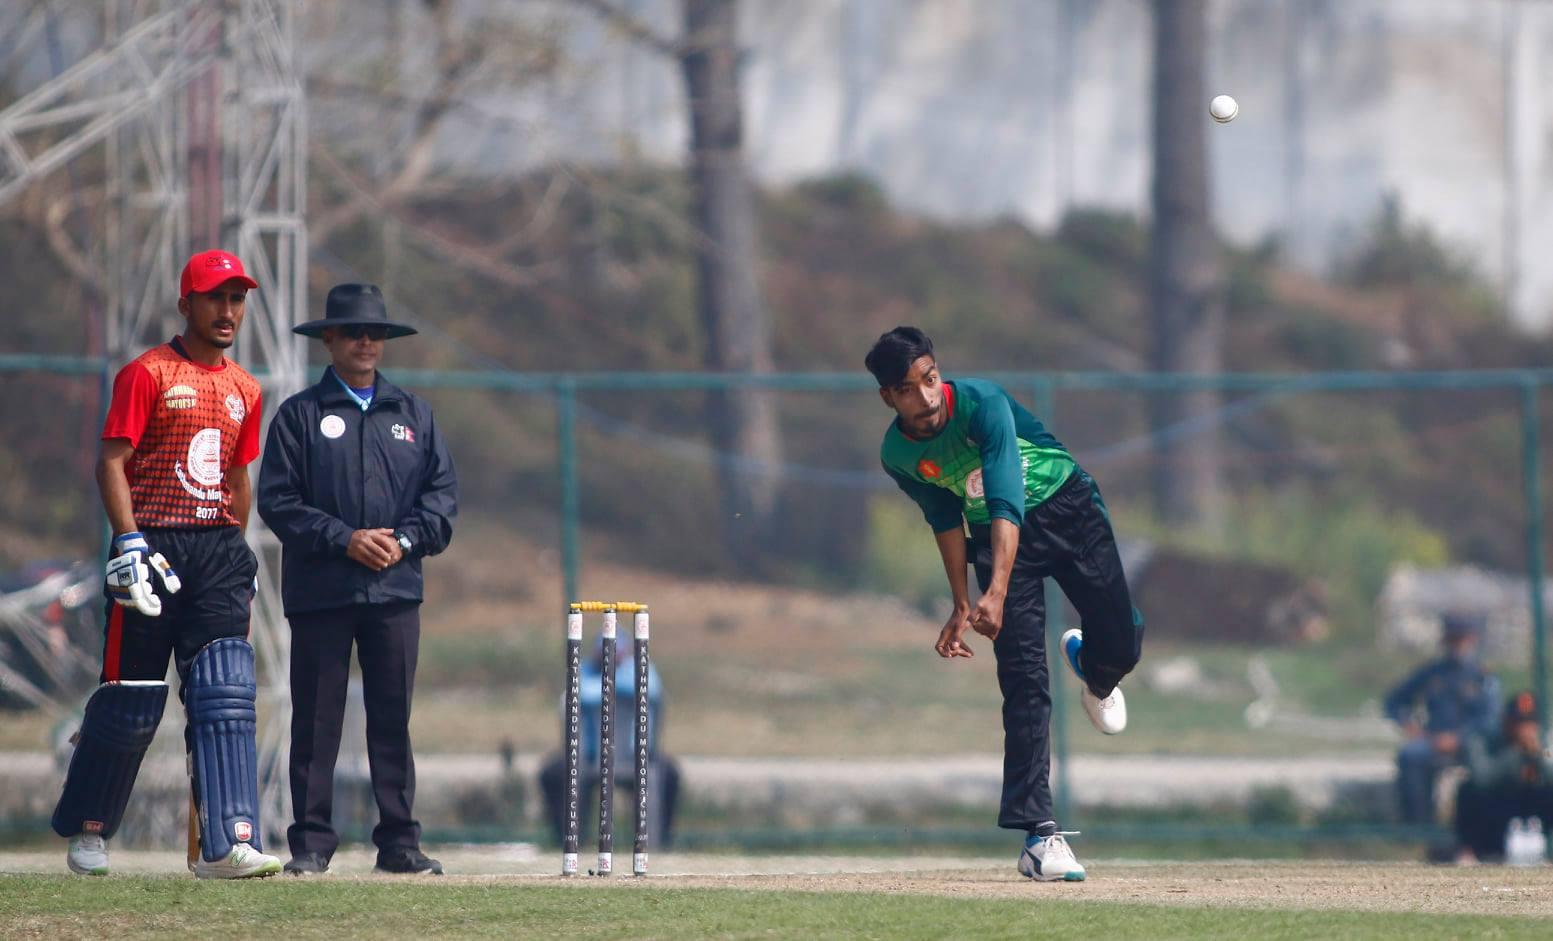 मेयर कप क्रिकेटमा एपीएफ र पुलिस फिल्डिङमा